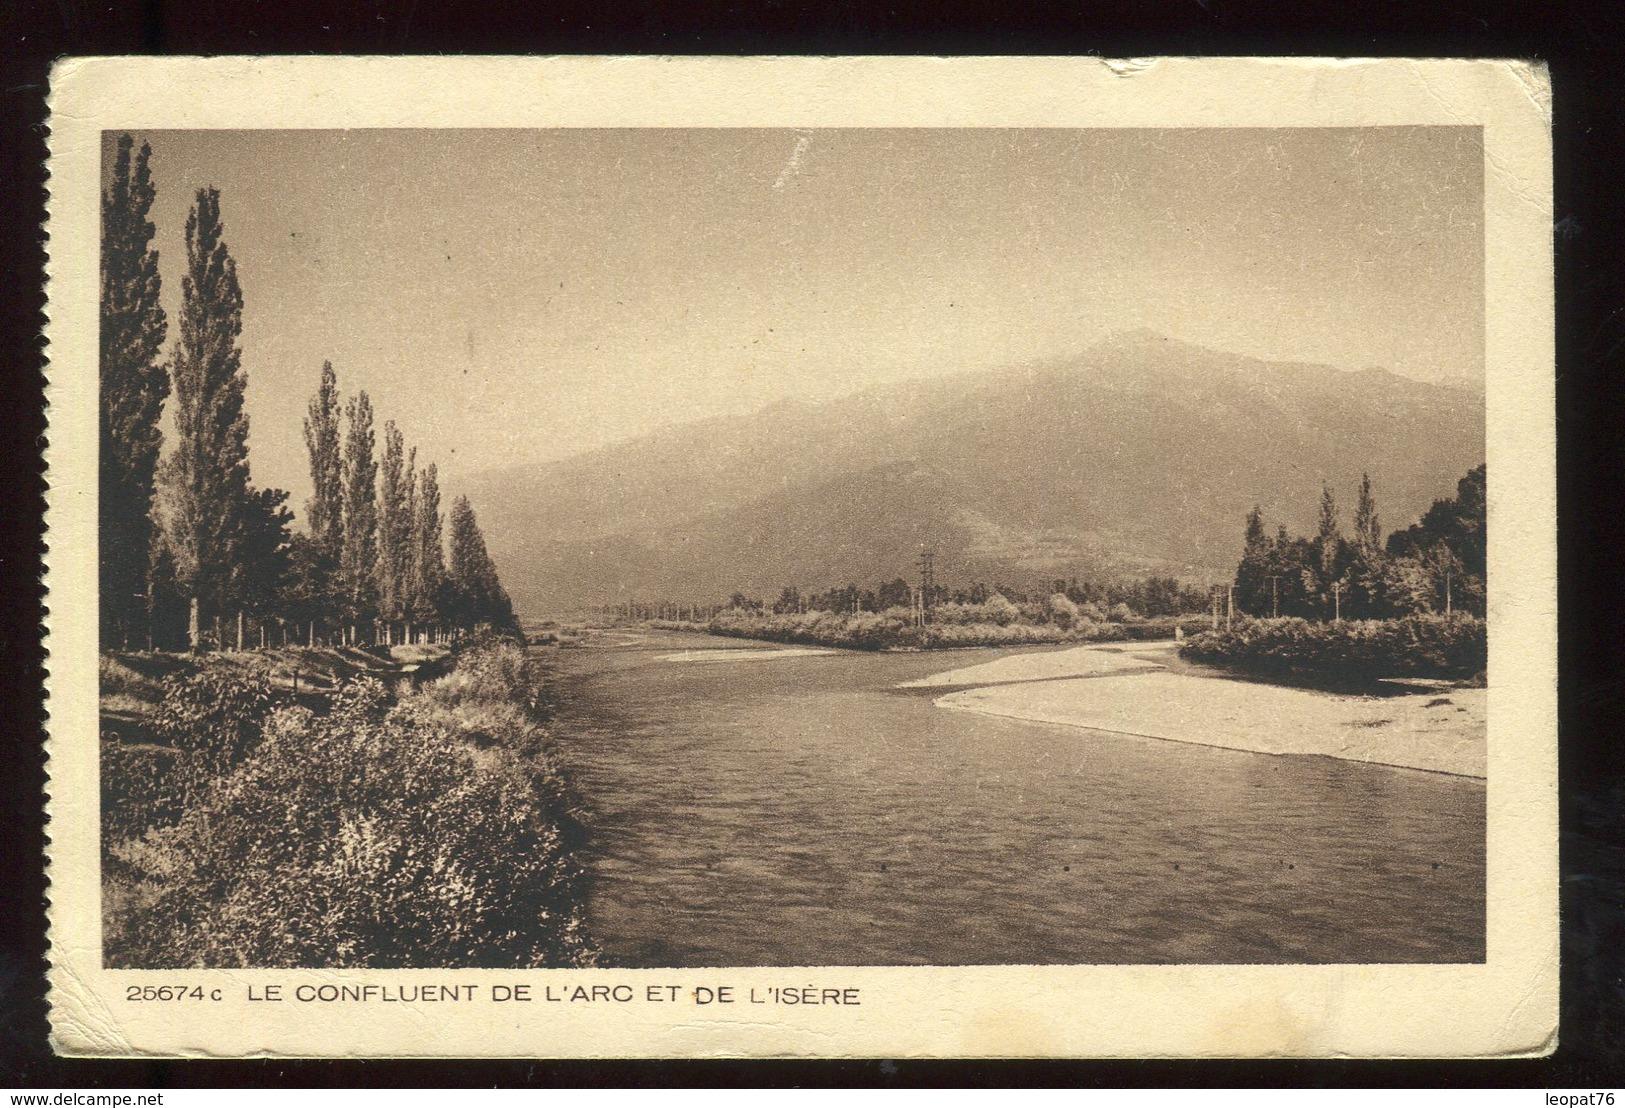 Carte Postale En FM De Bourg Saint Maurice Pour Fuveau En 1942 - N289 - Marcophilie (Lettres)